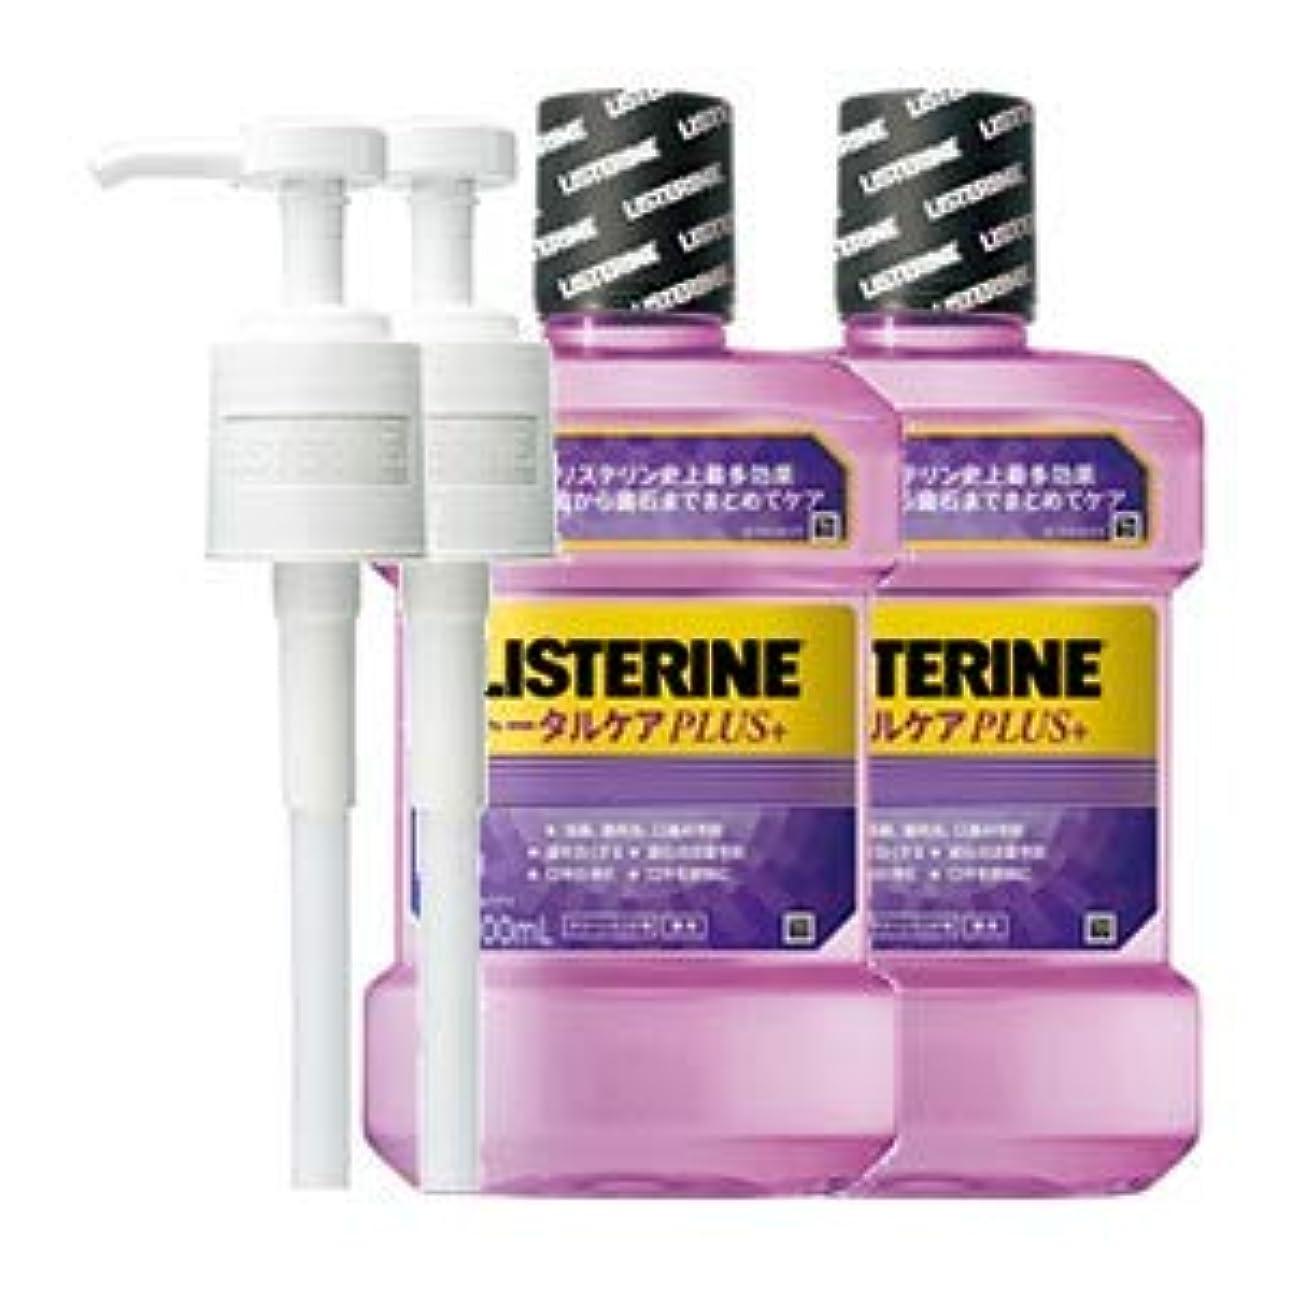 強要割り当てありふれた薬用リステリン トータルケアプラス (液体歯磨) 1000mL 2点セット (ポンプ付)